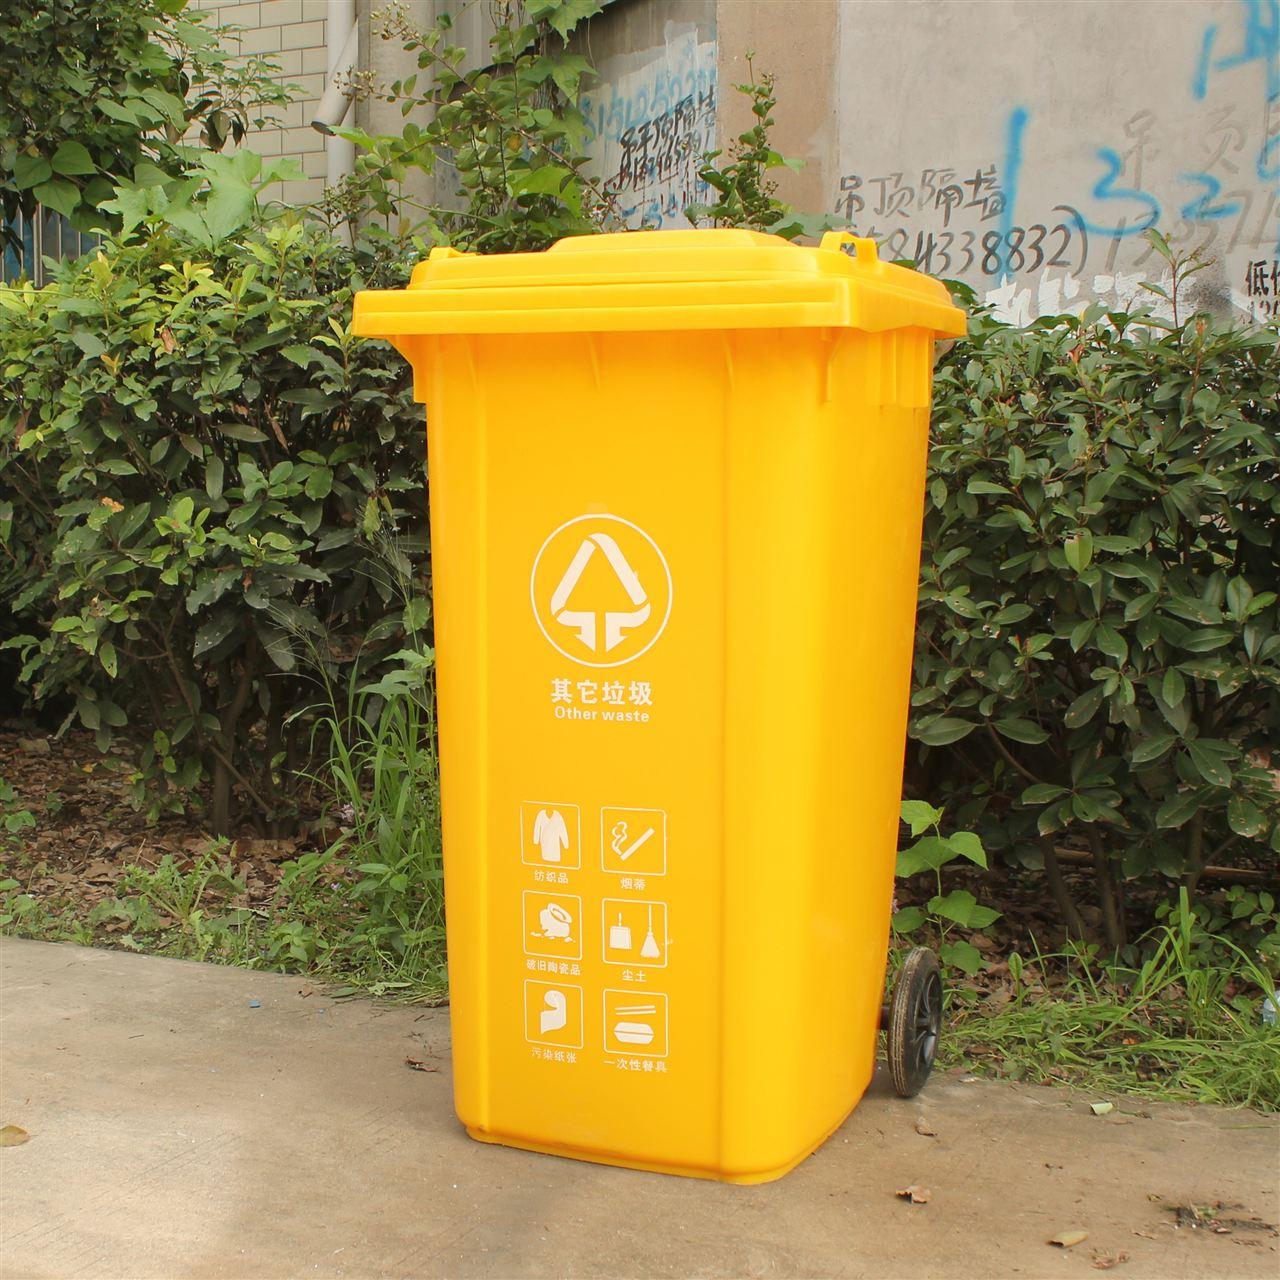 苏州市政挂着垃圾桶规格